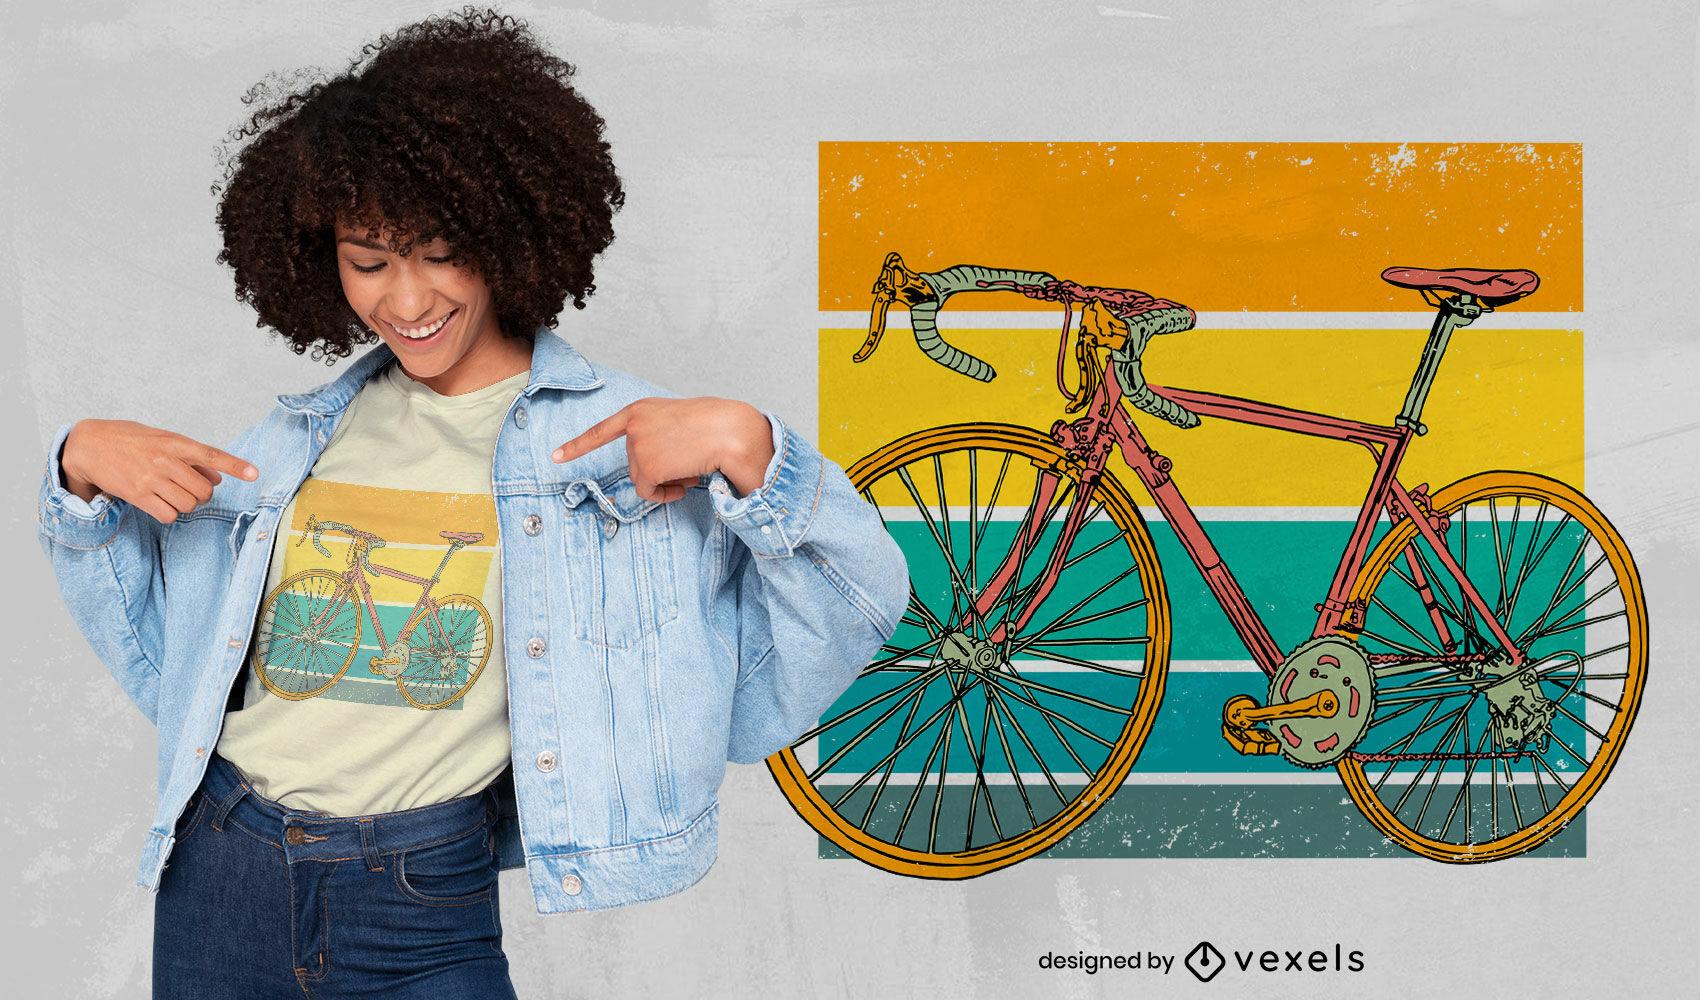 Dise?o de camiseta de bicicleta de carreras retro.